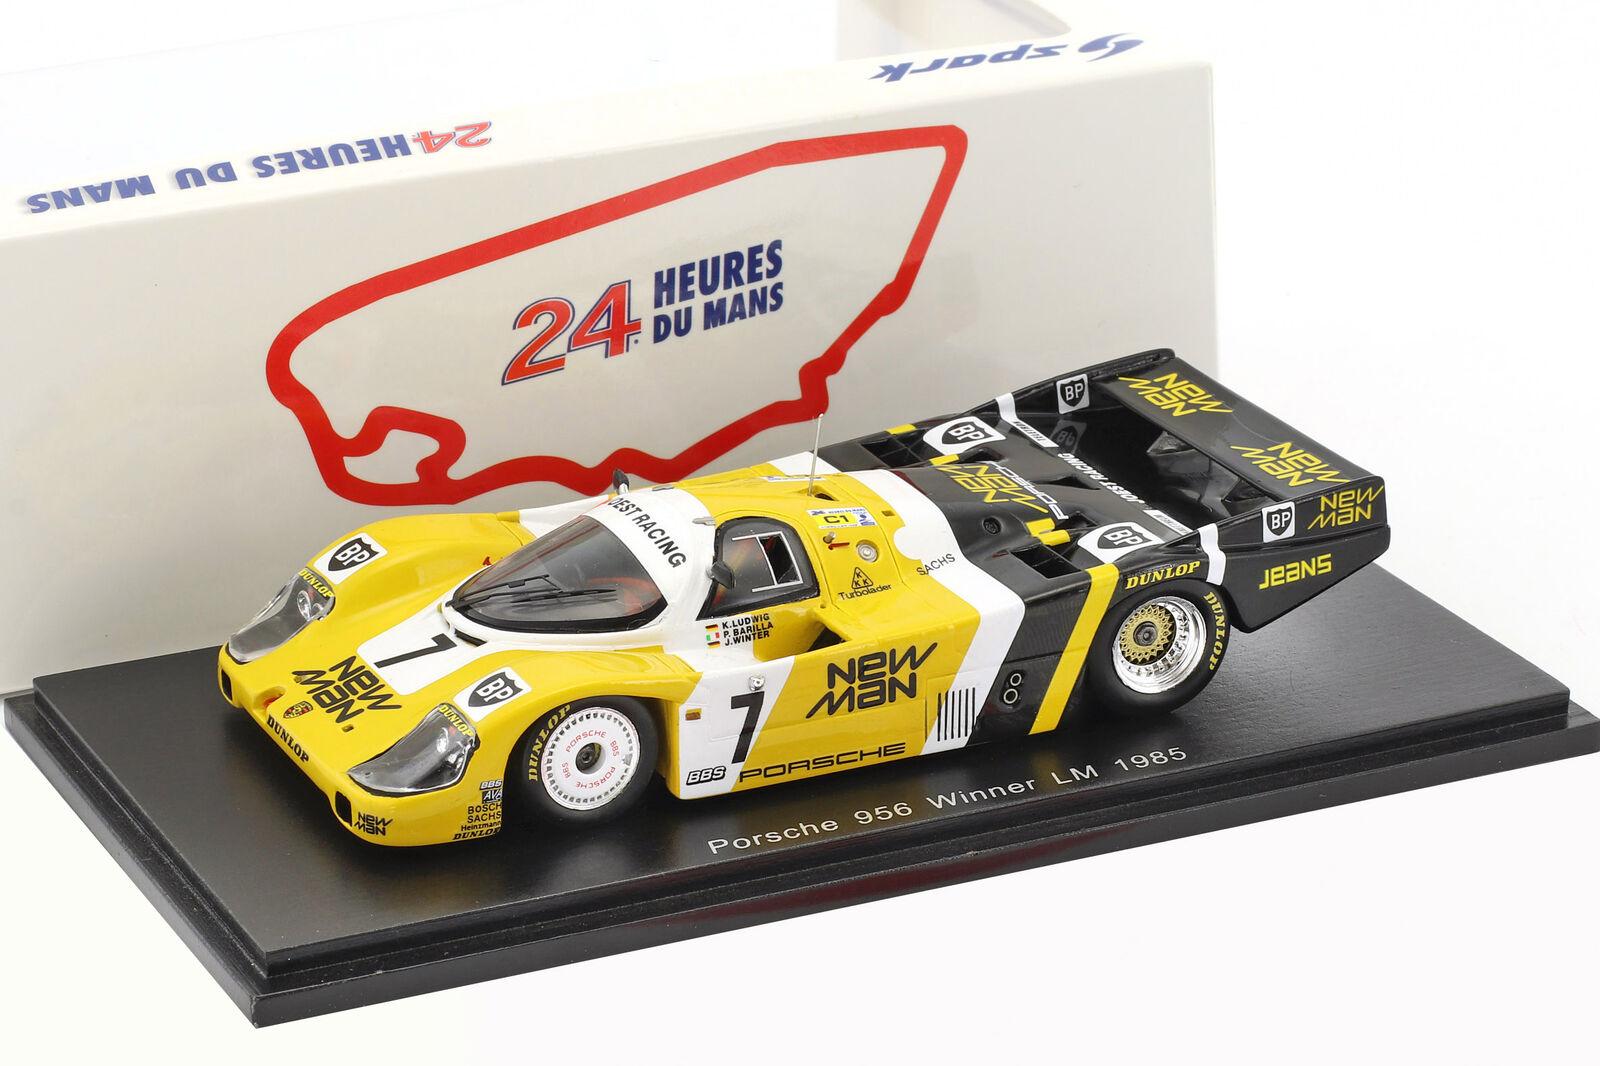 Porsche 956 B ganador 24 horas limón 1985 Ludwig barila barila barila 1  43 de invierno 744